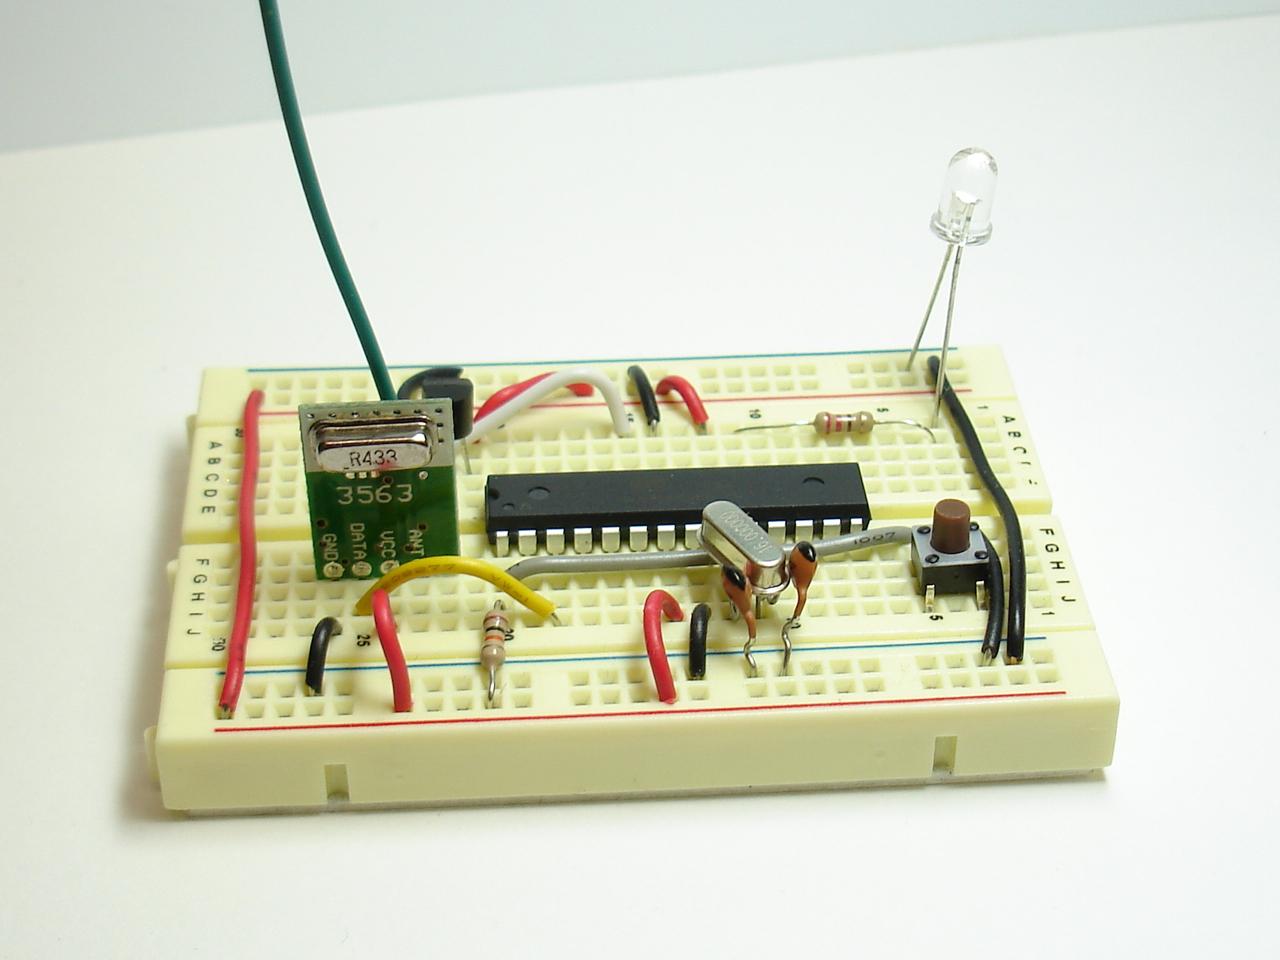 hight resolution of rf transmitter and temperature sensor on breadboard arduino